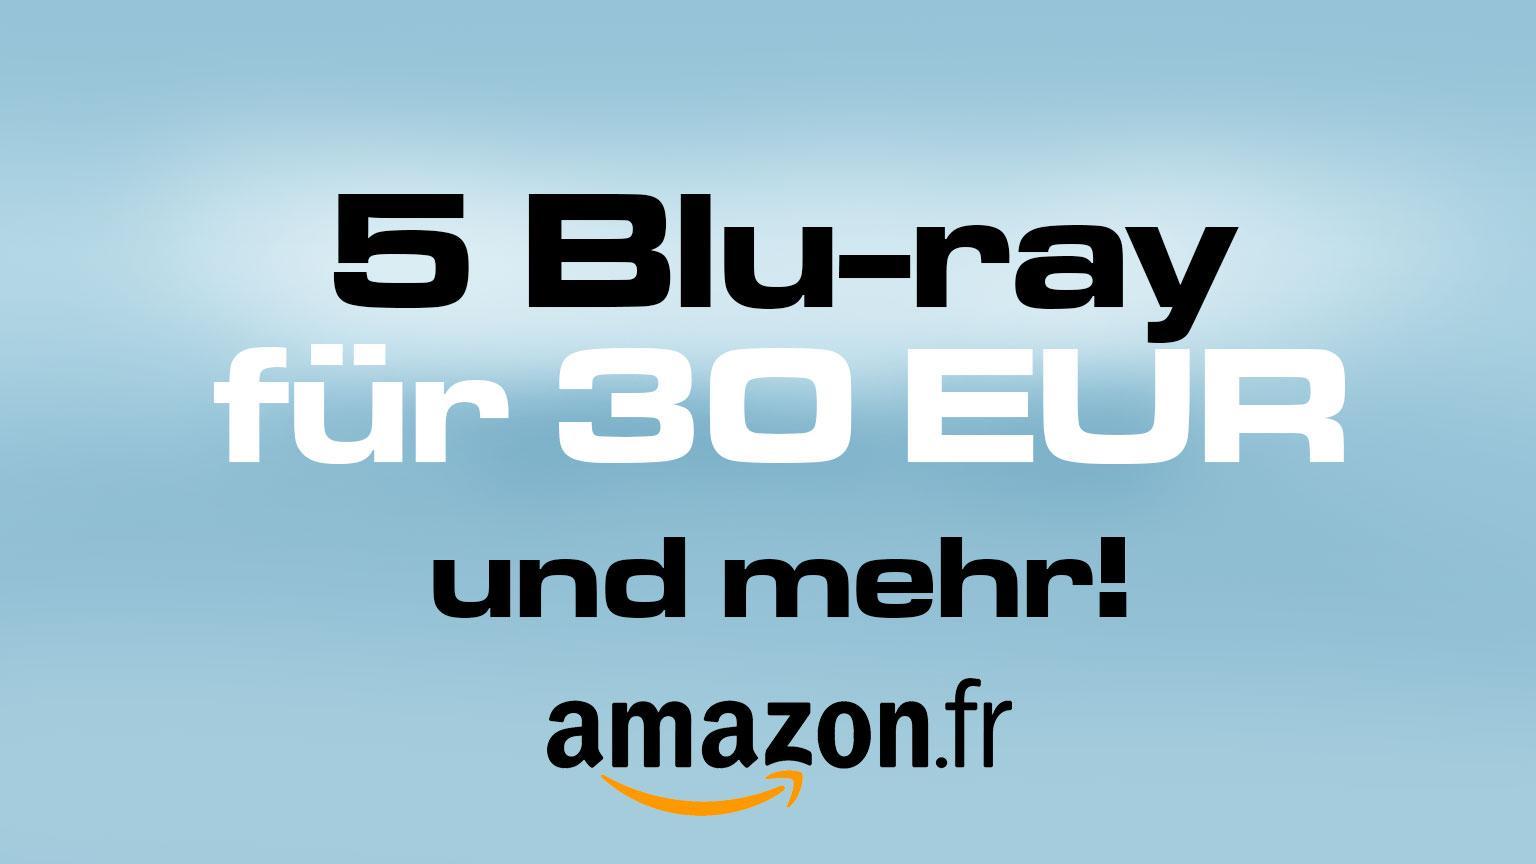 Amazon.fr Deal 5 Blu-ray für 30 EUR und andere Aktionen